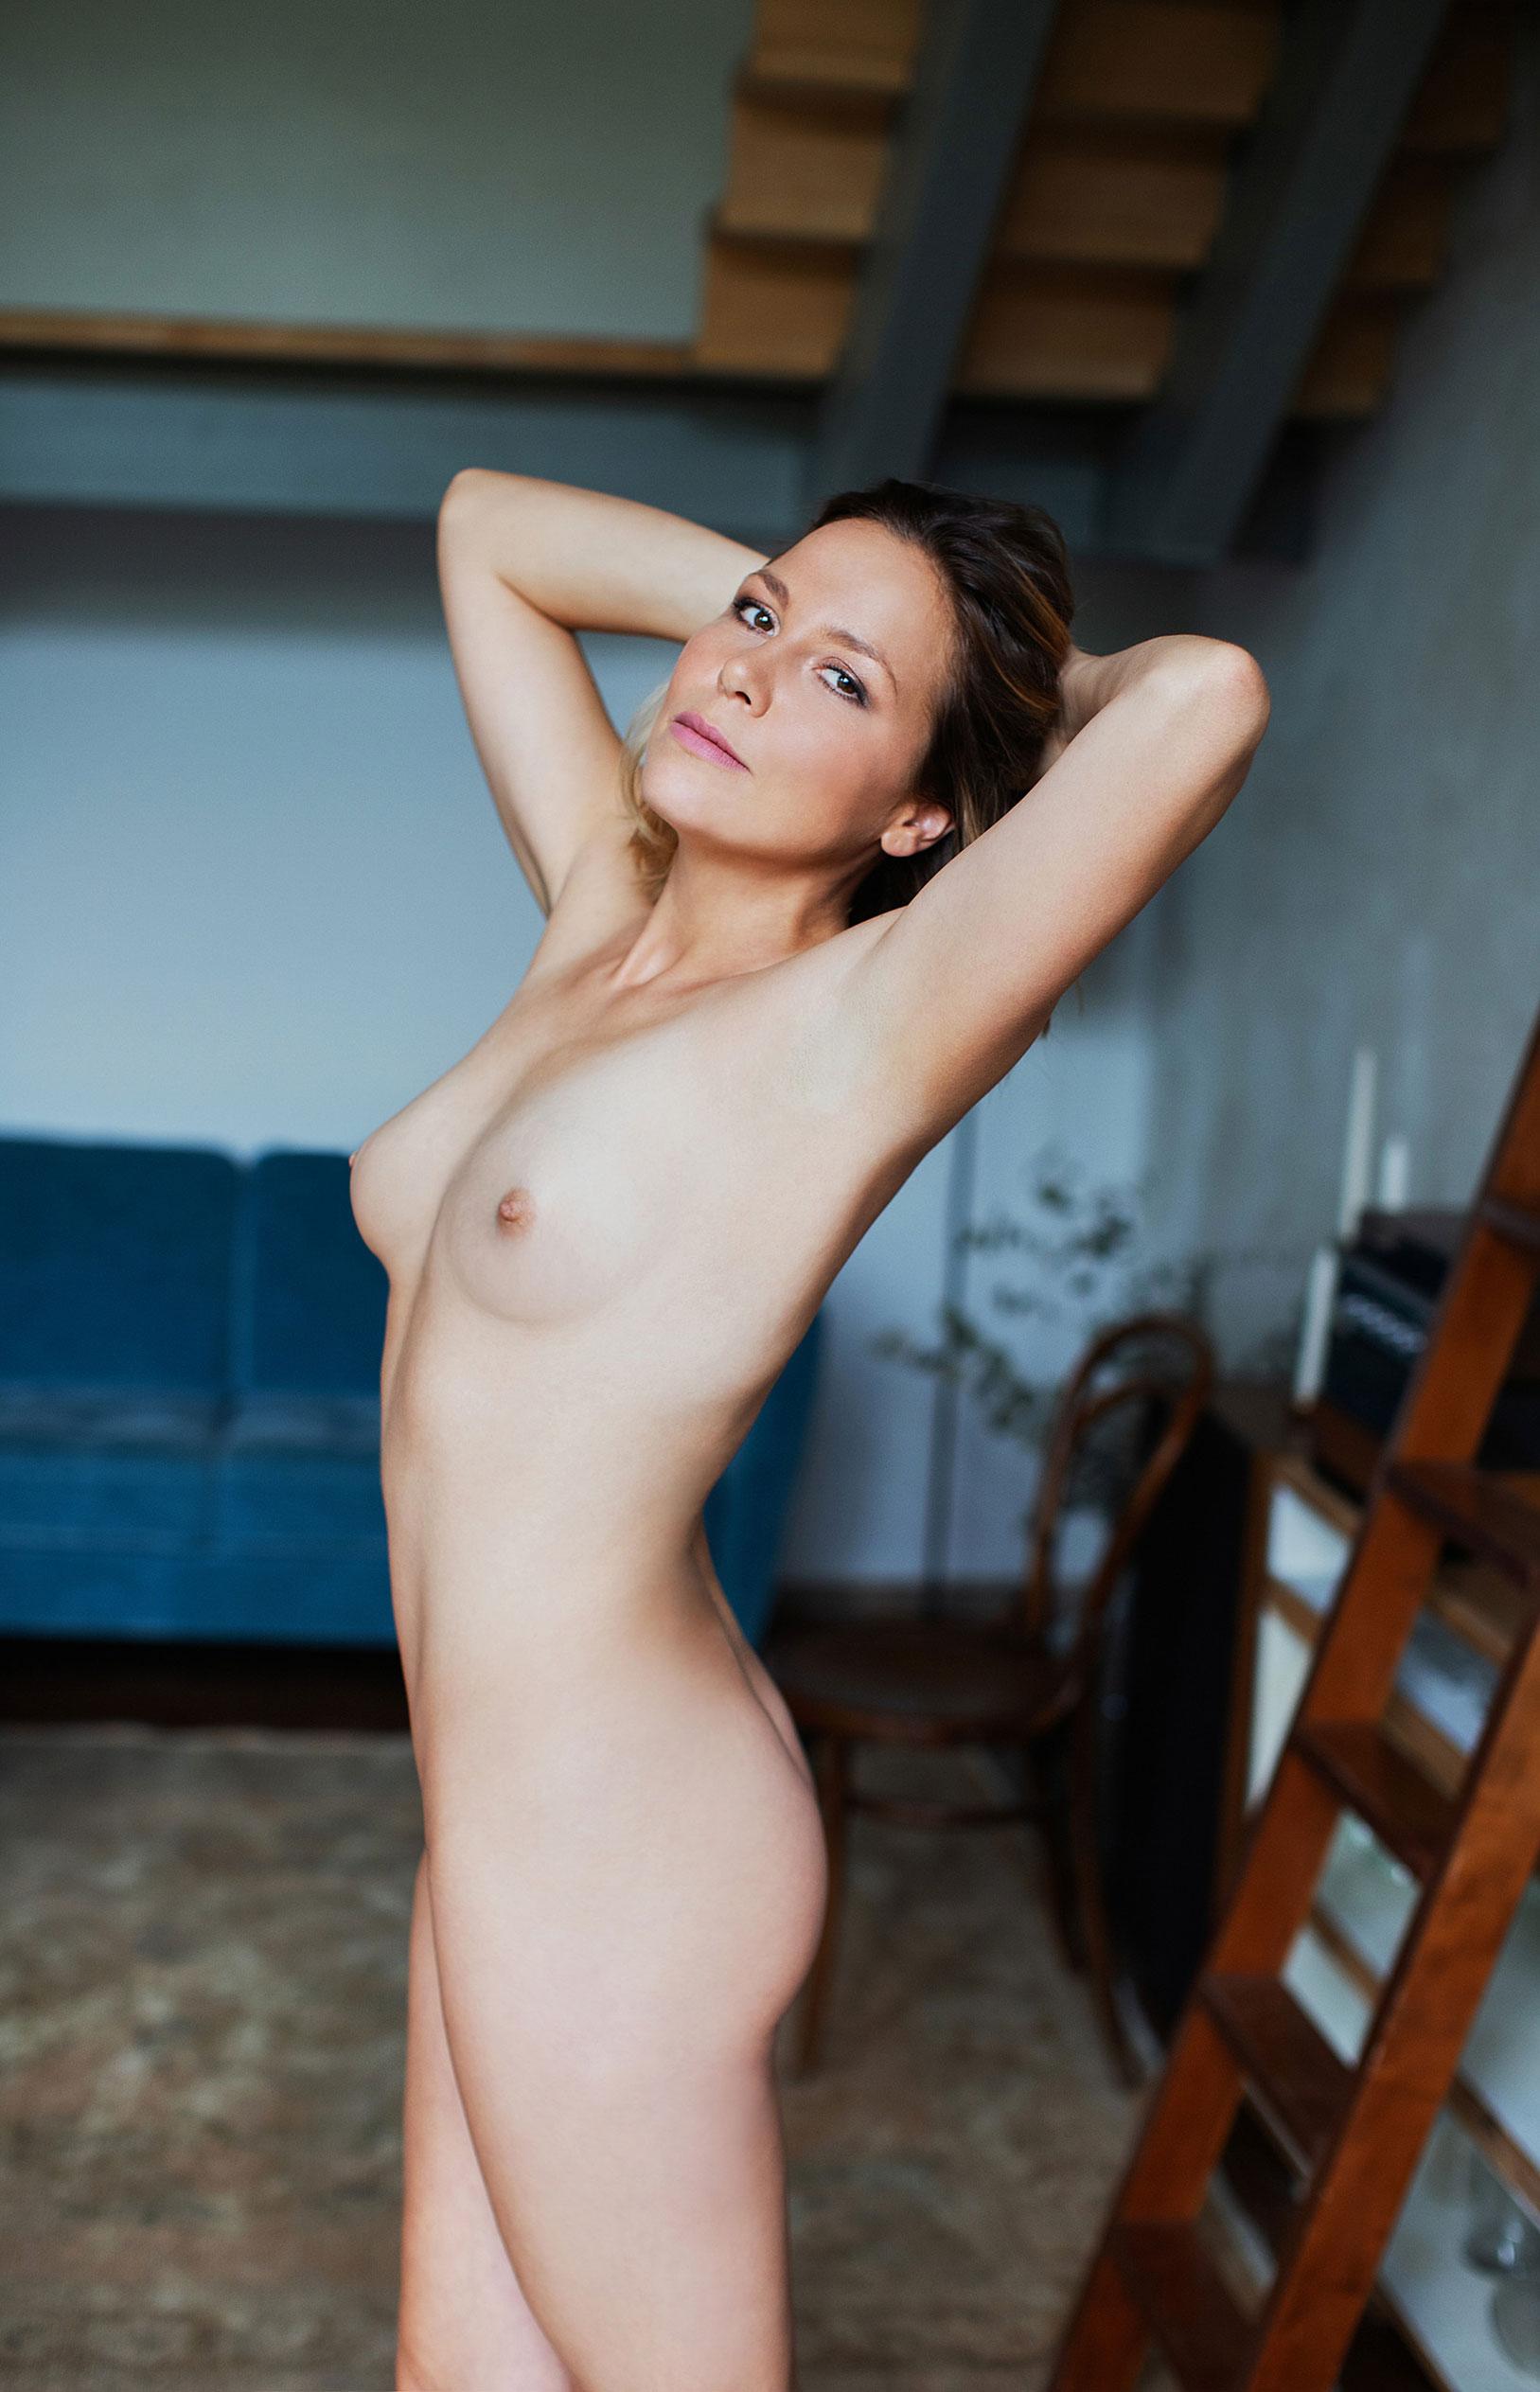 Актриса Франциска ван дер Хейде в журнале Playboy Германия, сентябрь 2020 / фото 13